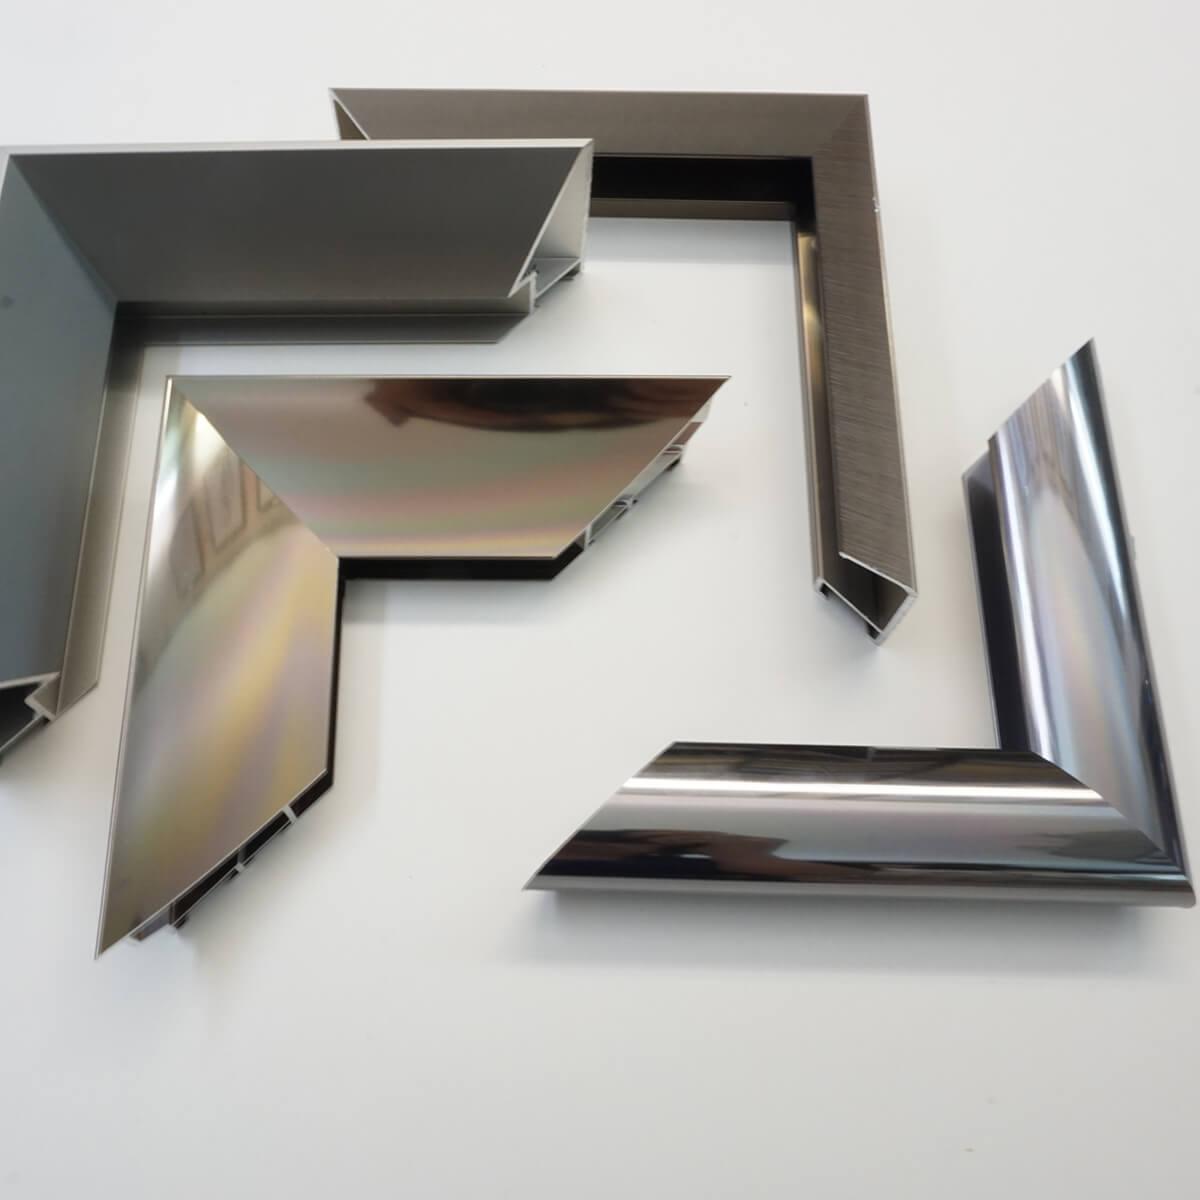 moulure moderne aluminium - cadre